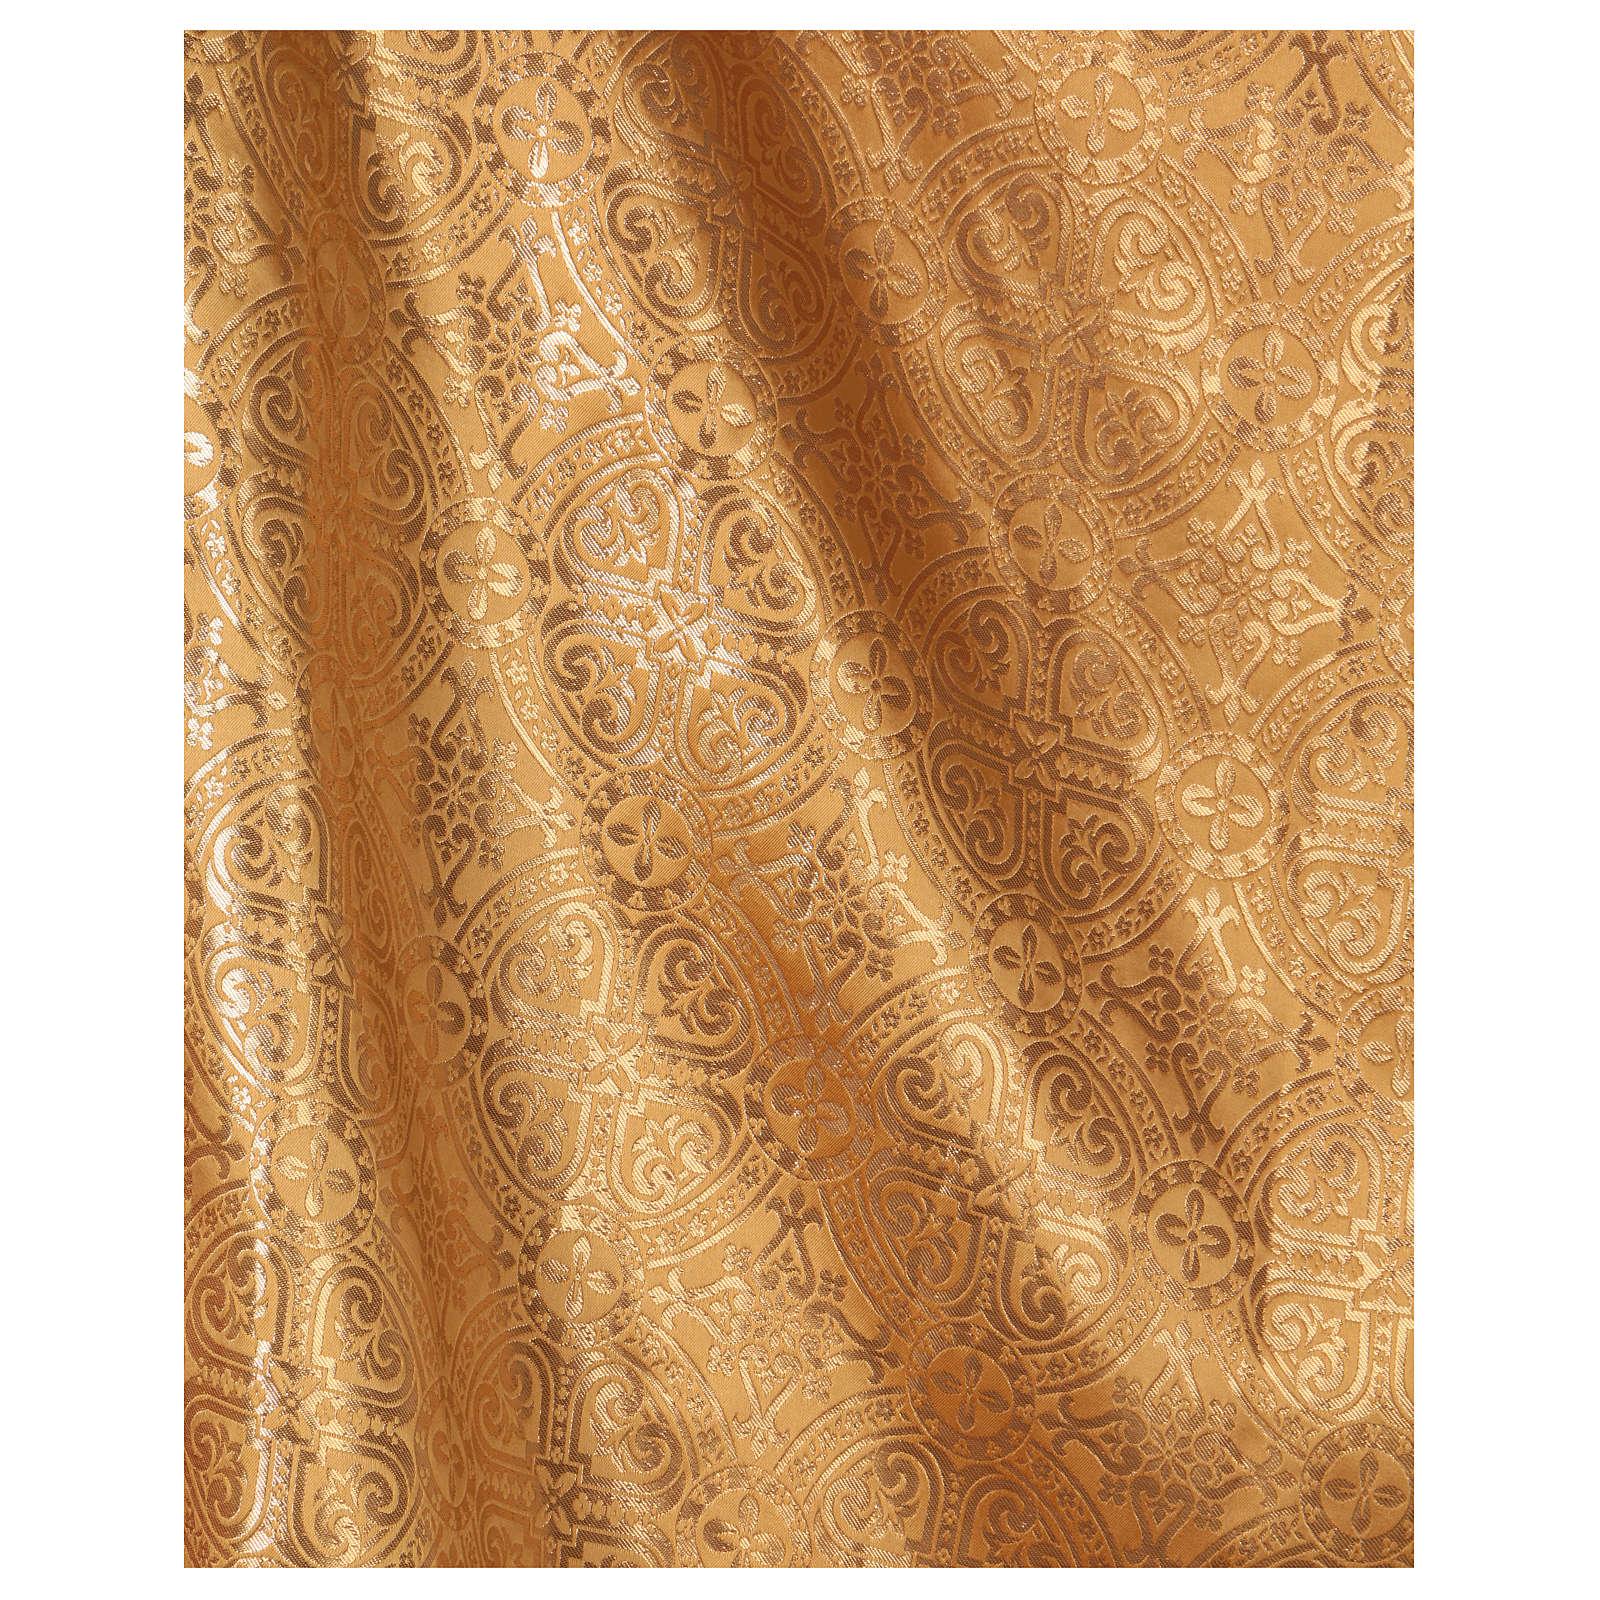 Casulla oro con tejido de broderie entorchado mm 118 4